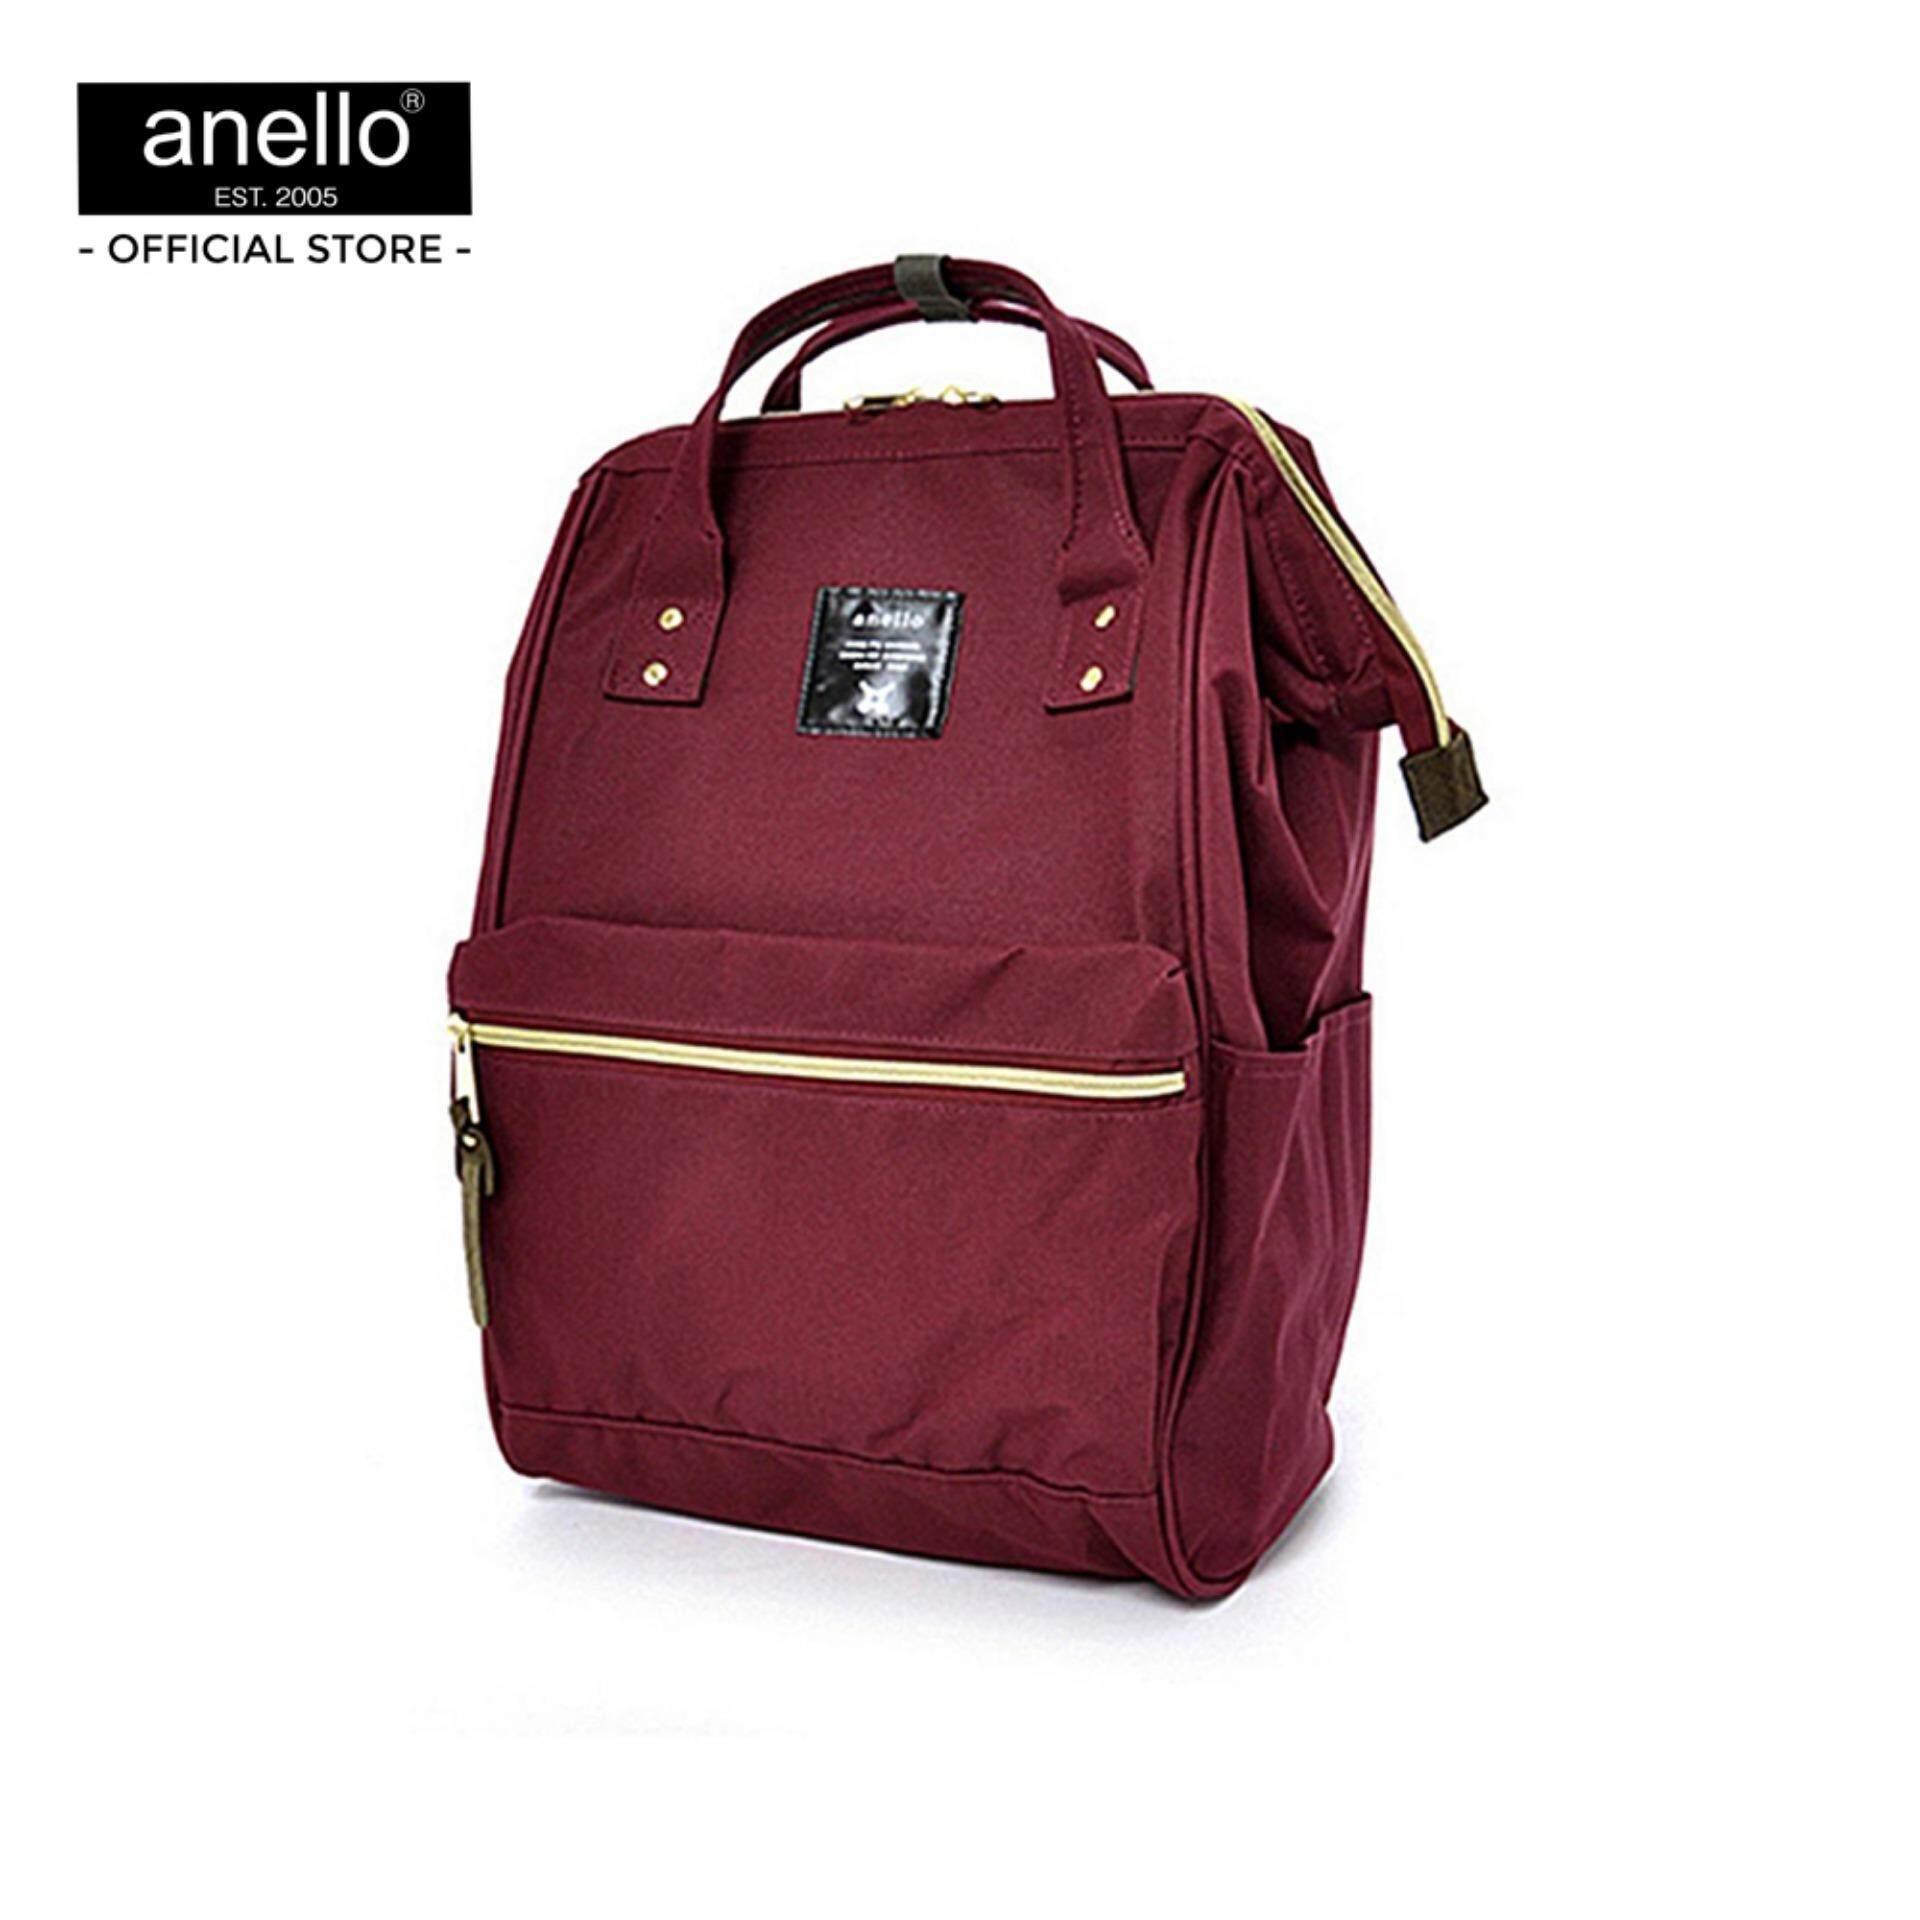 สอนใช้งาน  บุรีรัมย์ anello กระเป๋า เป้ Mini Backpack _AT-B0197B